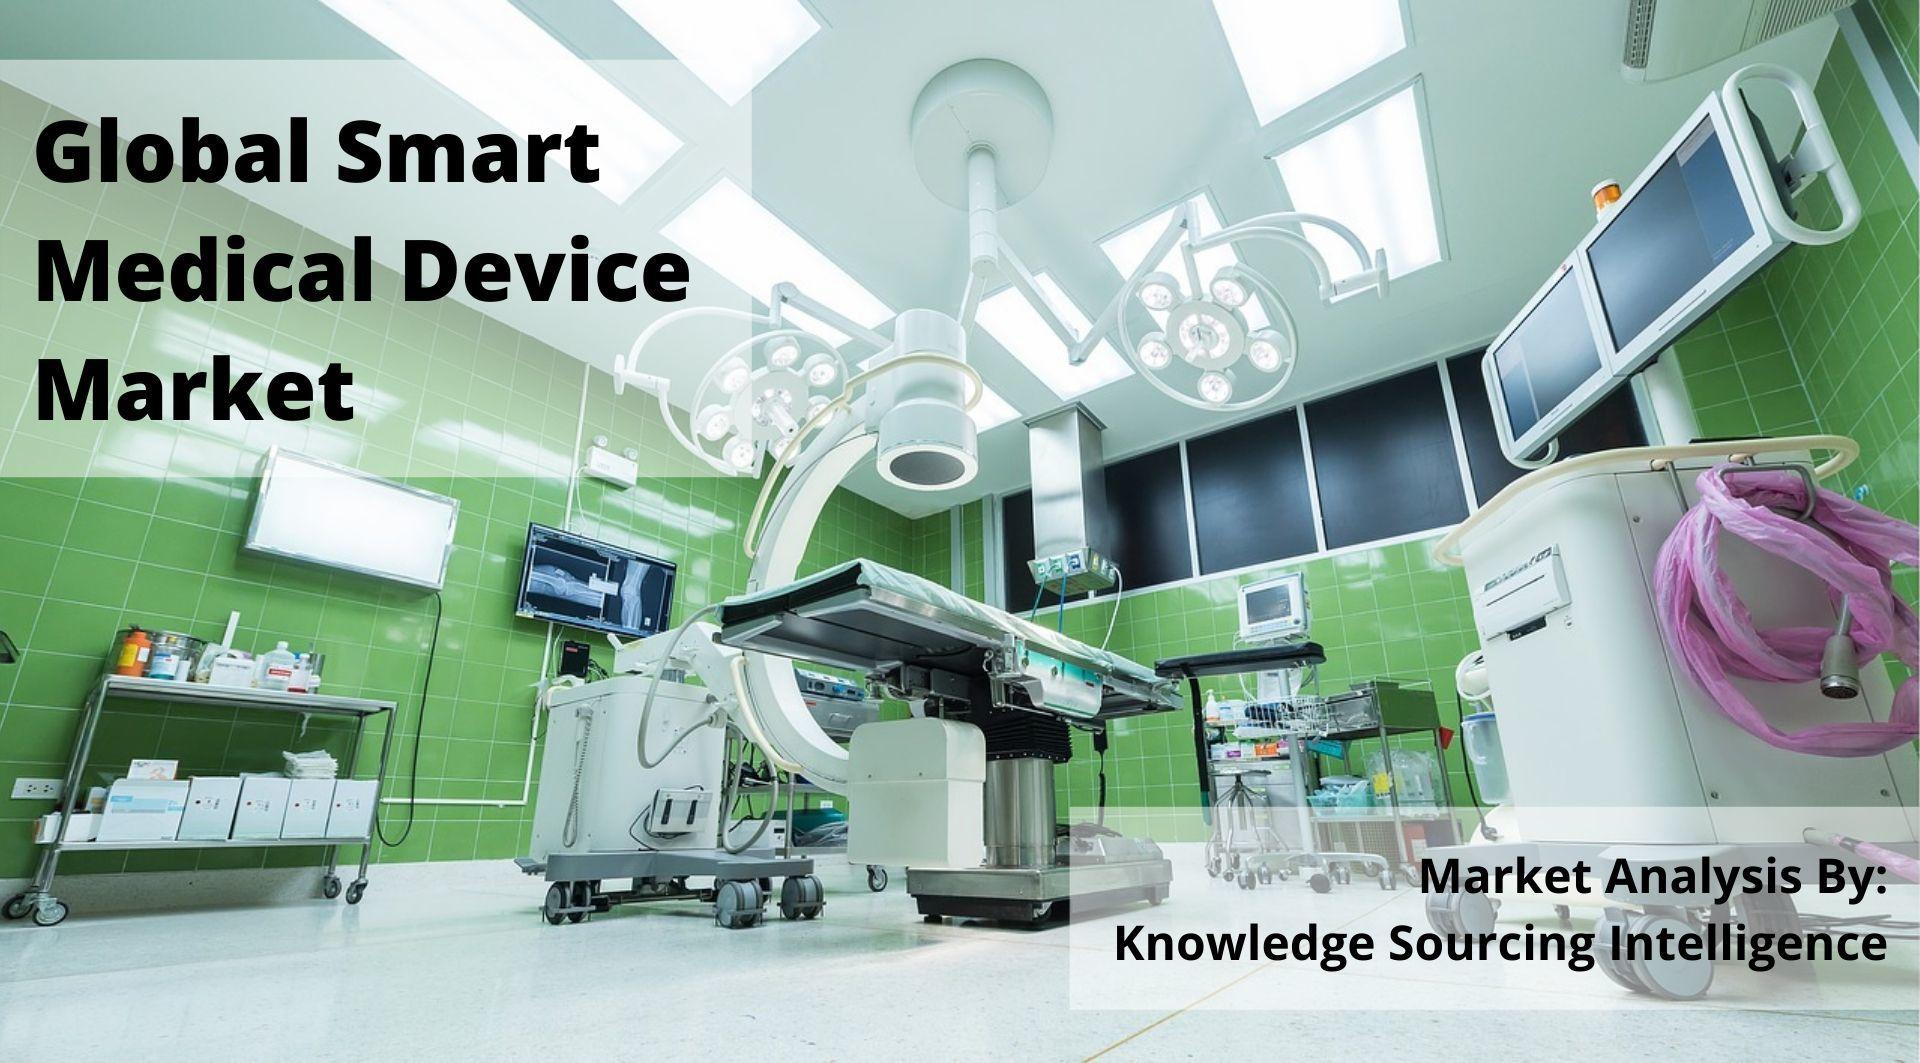 Global Smart Medical Device Market